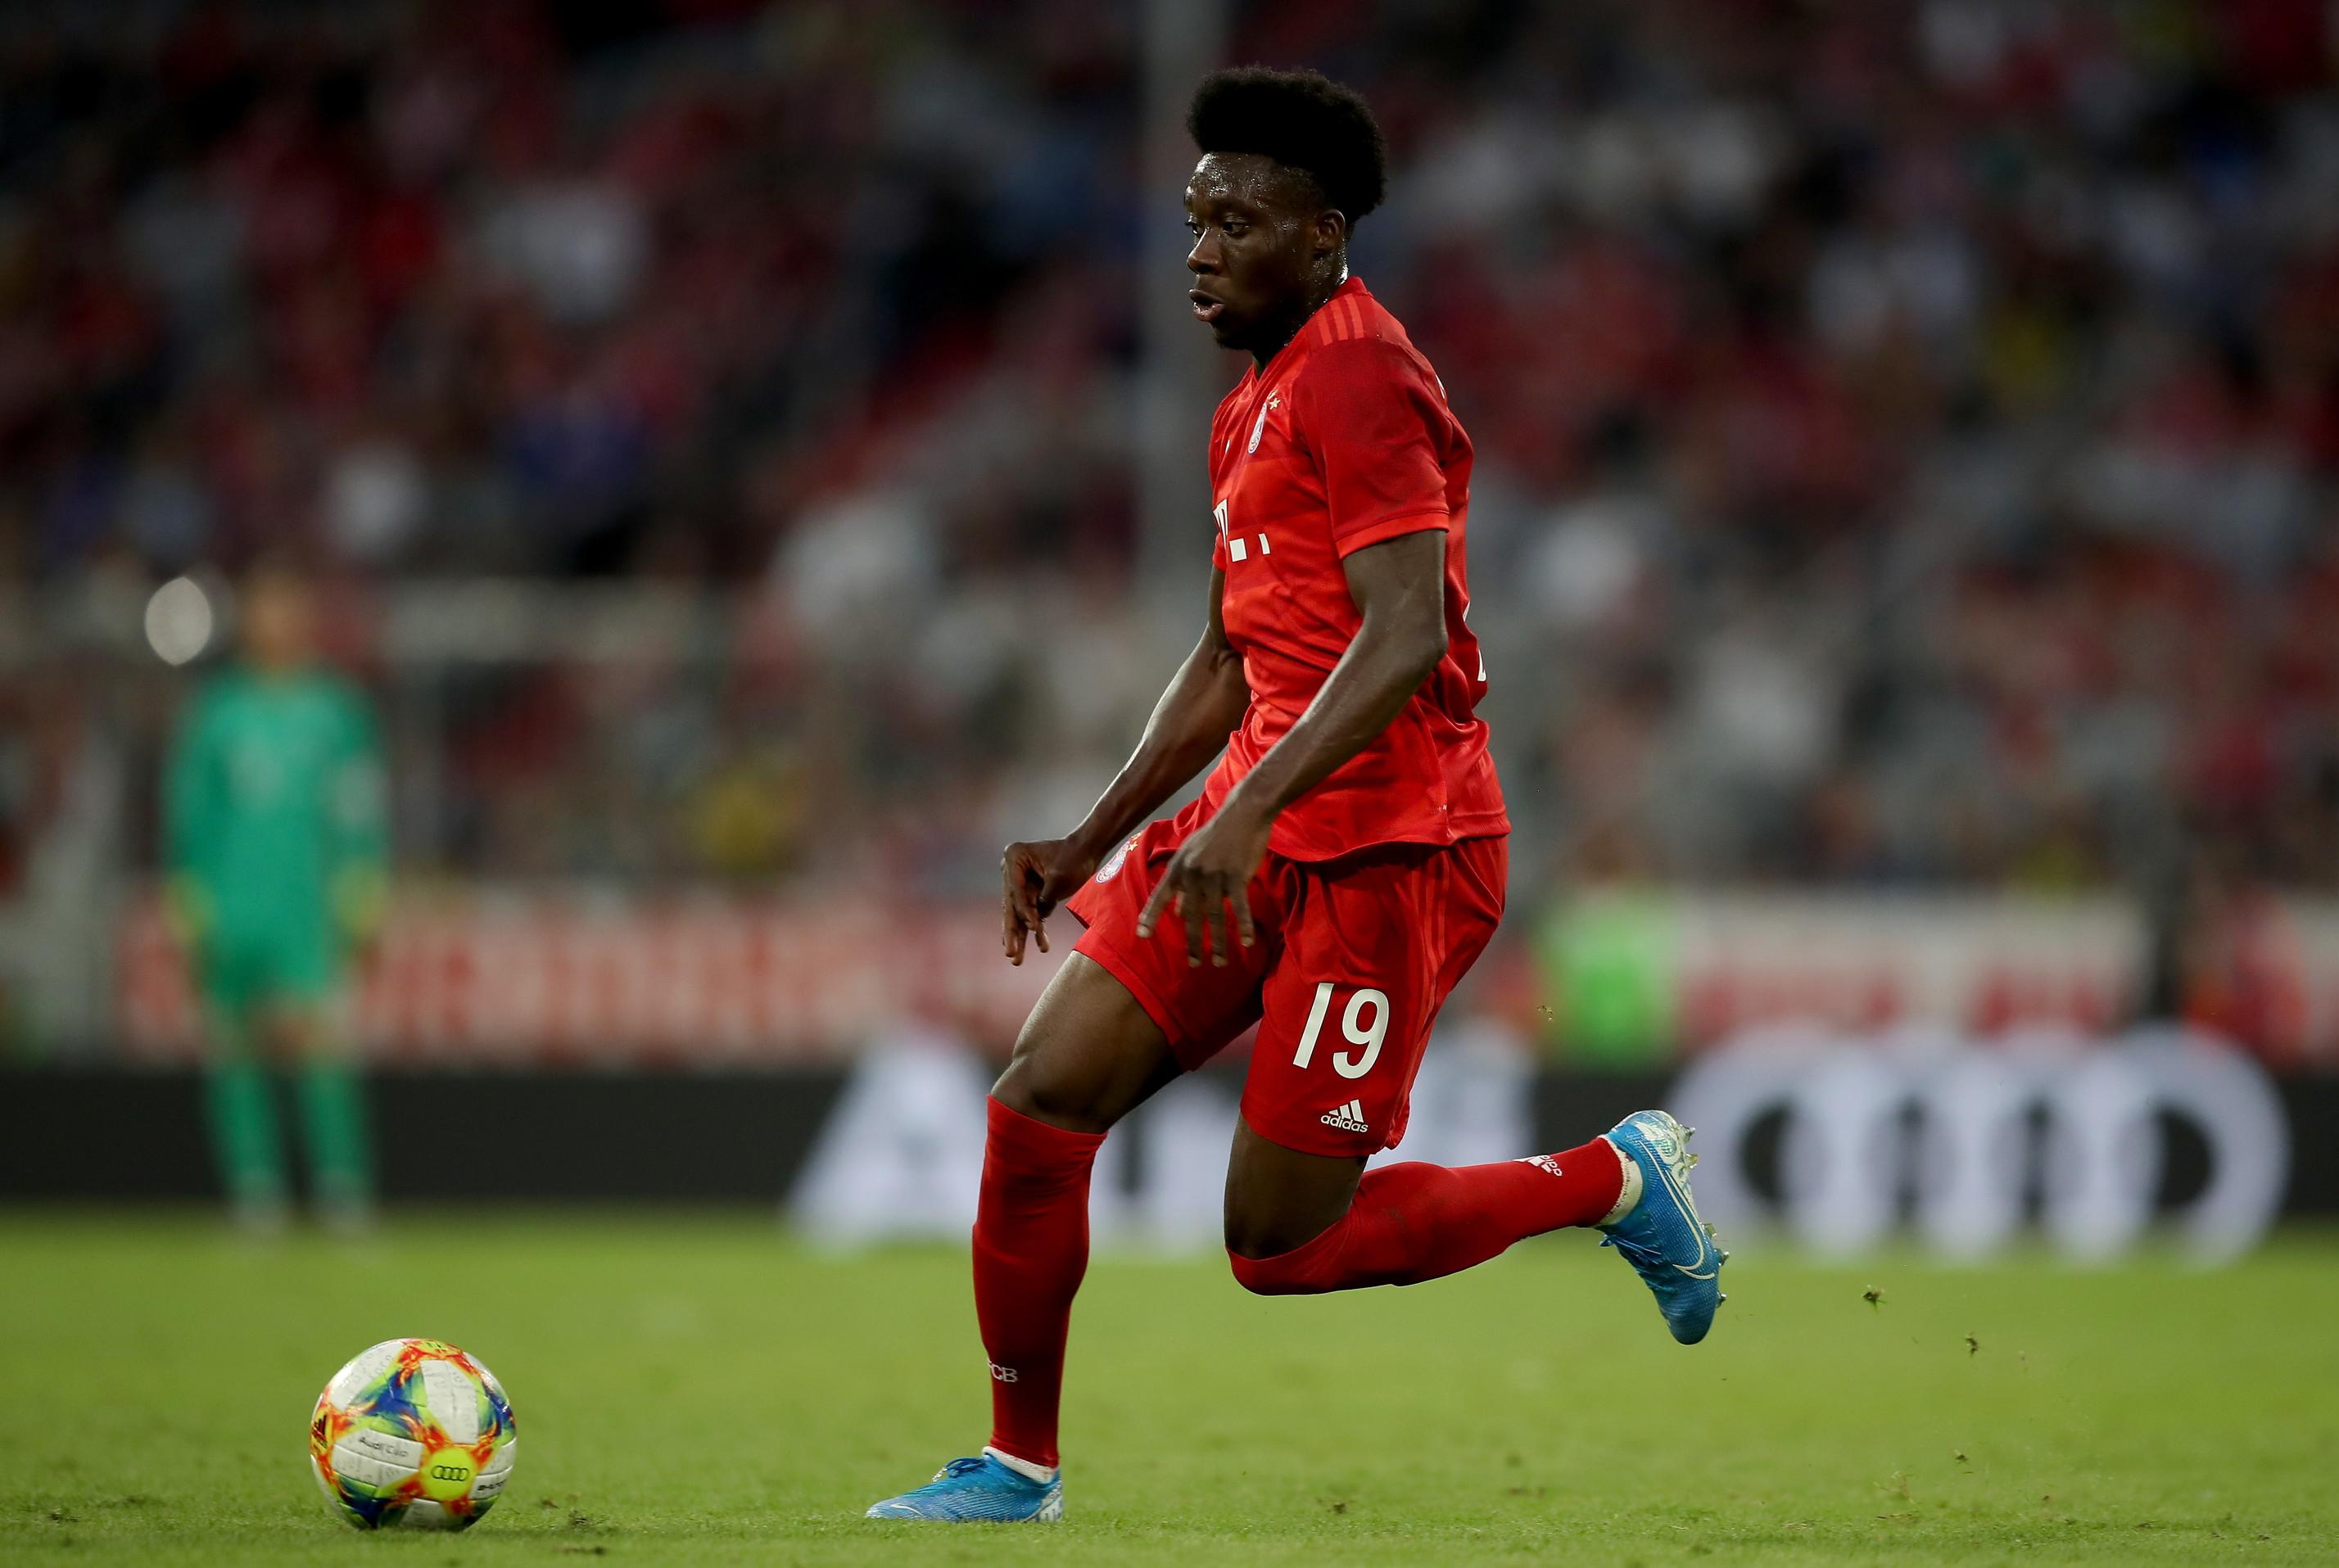 Alphonso DAVIES(Bayern Monaco, 2 novembre): nazionale canadese con passaporto liberiano nato in Ghana, attaccante esterno già a segno in Bundesliga.